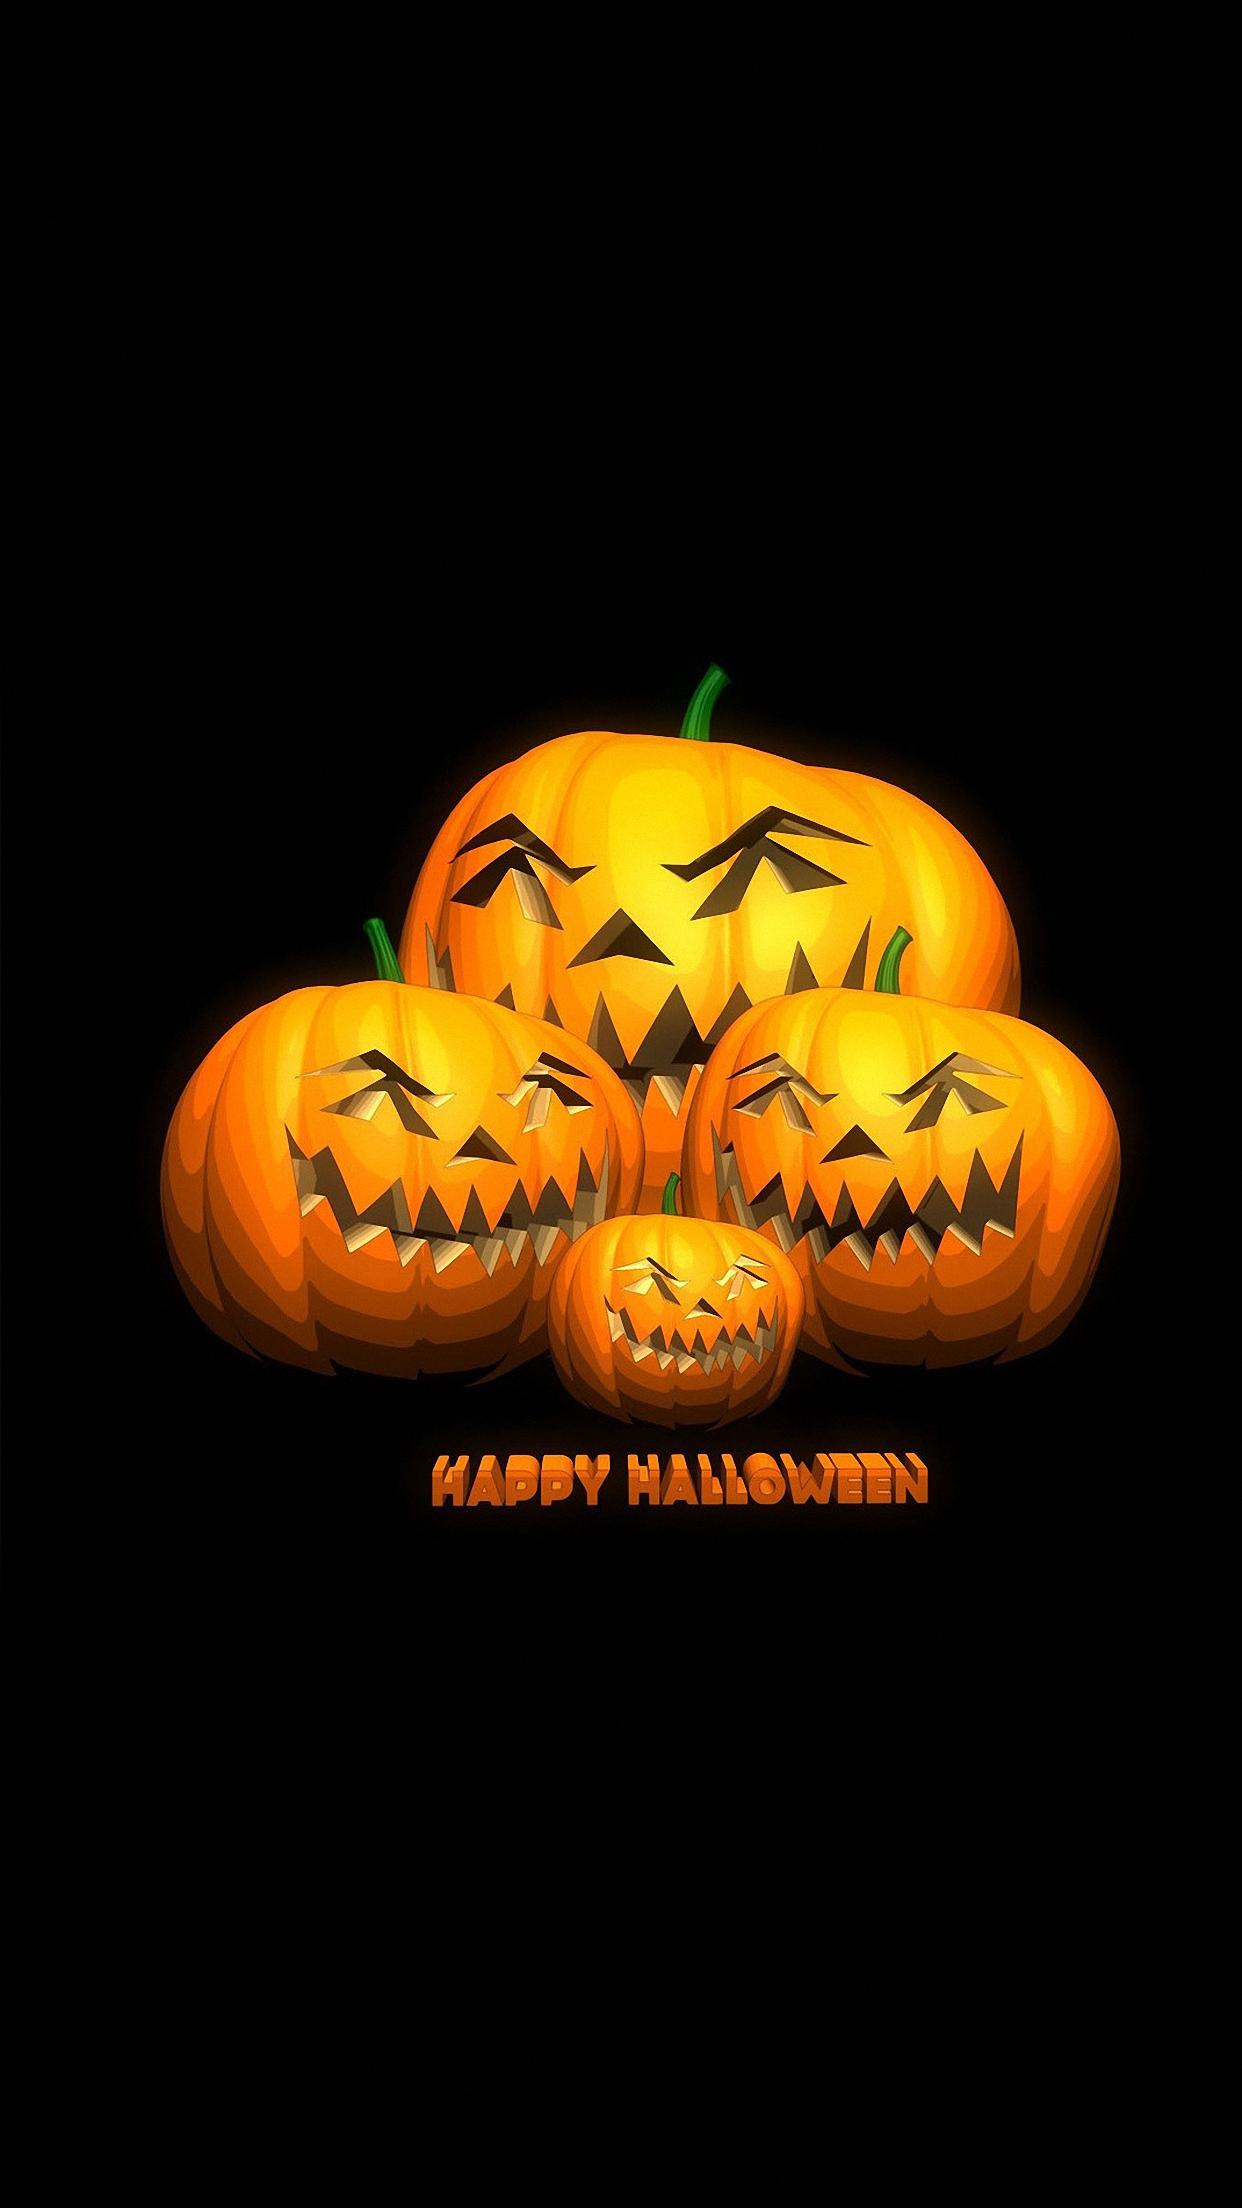 Halloween Pumpkin Wallpaper Iphone.Halloween Pumpkin 2 Wallpaper For Iphone X 8 7 6 Free Download